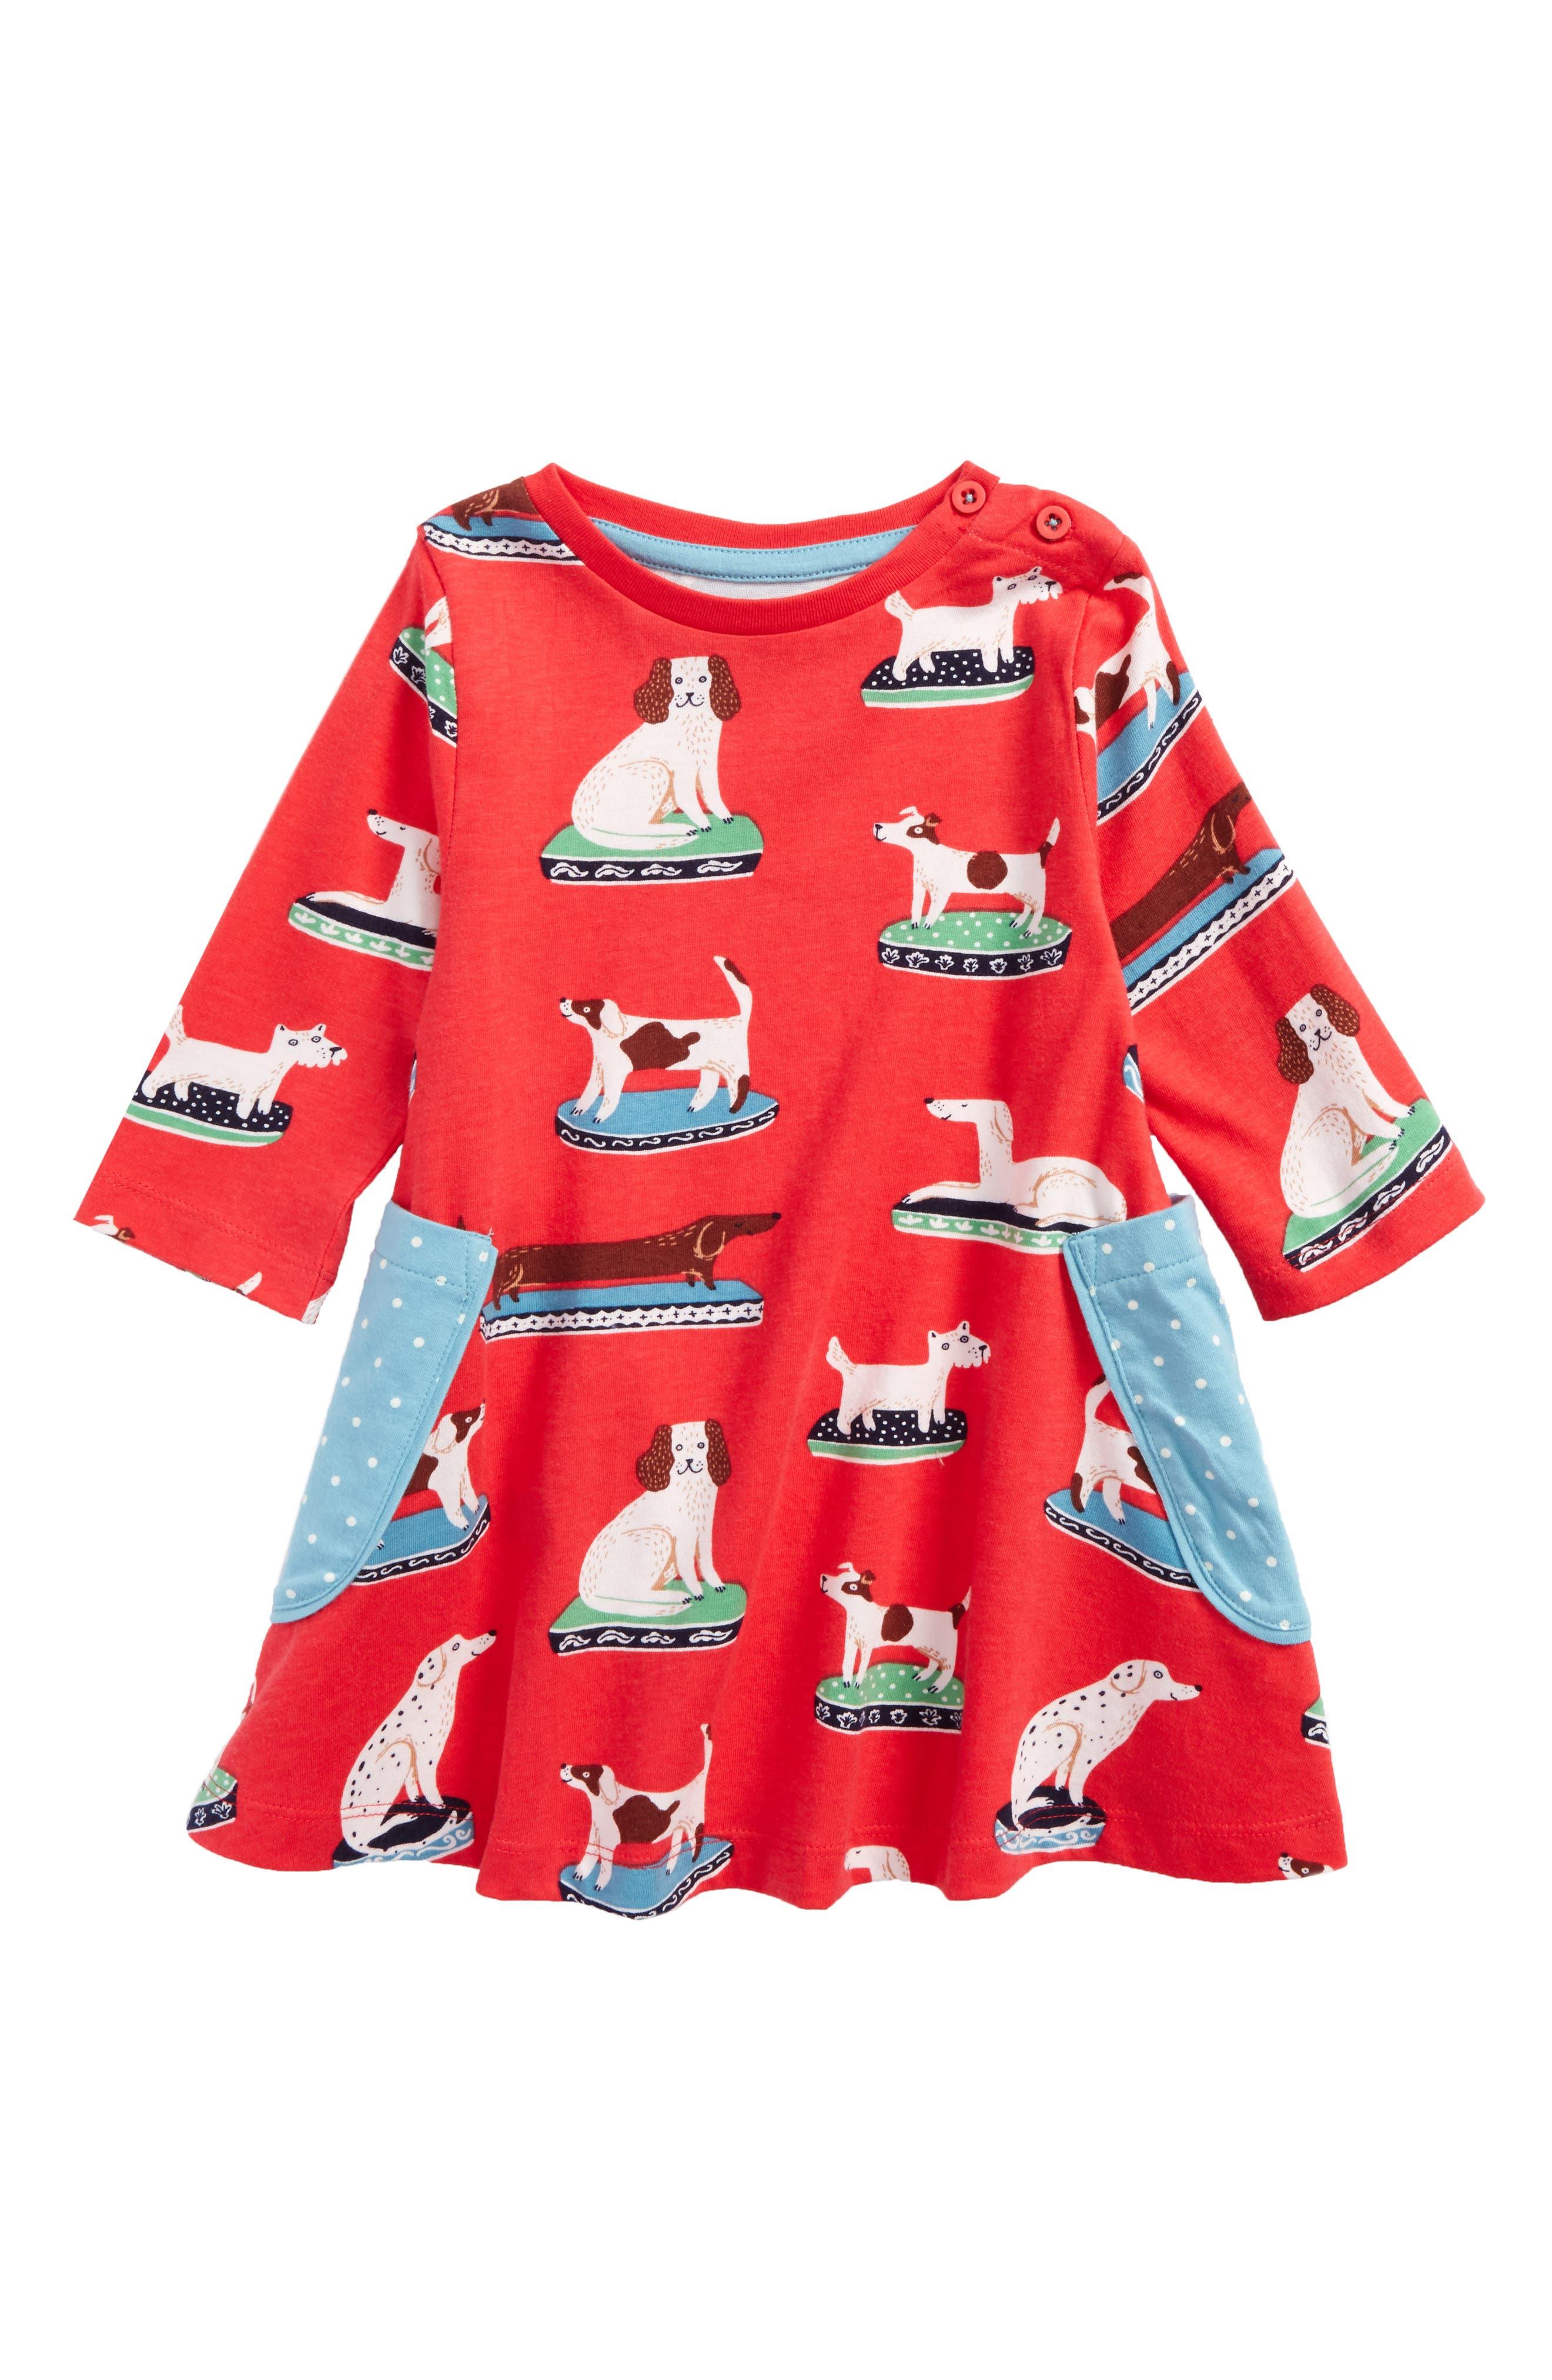 Alternate Image 1 Selected - Mini Boden Print Tunic (Toddler Girls, Little Girls & Big Girls)